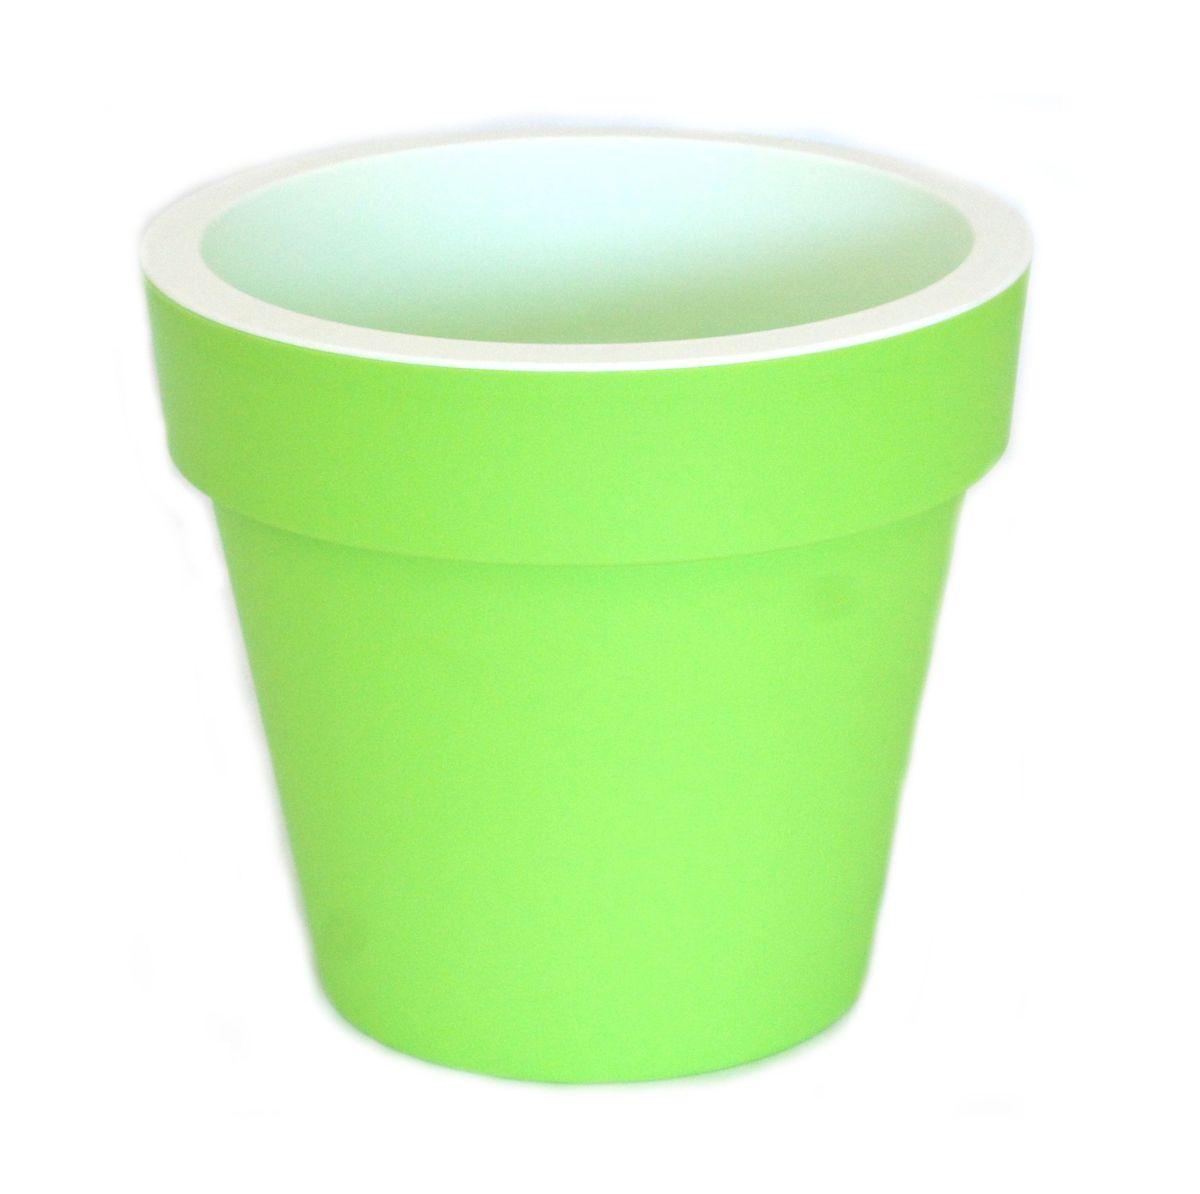 Кашпо JetPlast Порто, со вставкой, цвет: фисташковый, 6 л4612754050253Кашпо Порто классической формы с внутренней вставкой-горшком. Дренажная вставка позволяет легко поливать растения без использования дополнительного поддона. Вместительный объем кашпо позволяет высаживать самые разнообразные растения, а съемная вставка избавит вас от грязи и подчеркнет красоту цветка. Оно изготовлено из прочного полипропилена (пластика). Такое кашпо порадует вас функциональностью, а благодаря лаконичному дизайну впишется в любой интерьер помещения. Объем кашпо: 6 л.